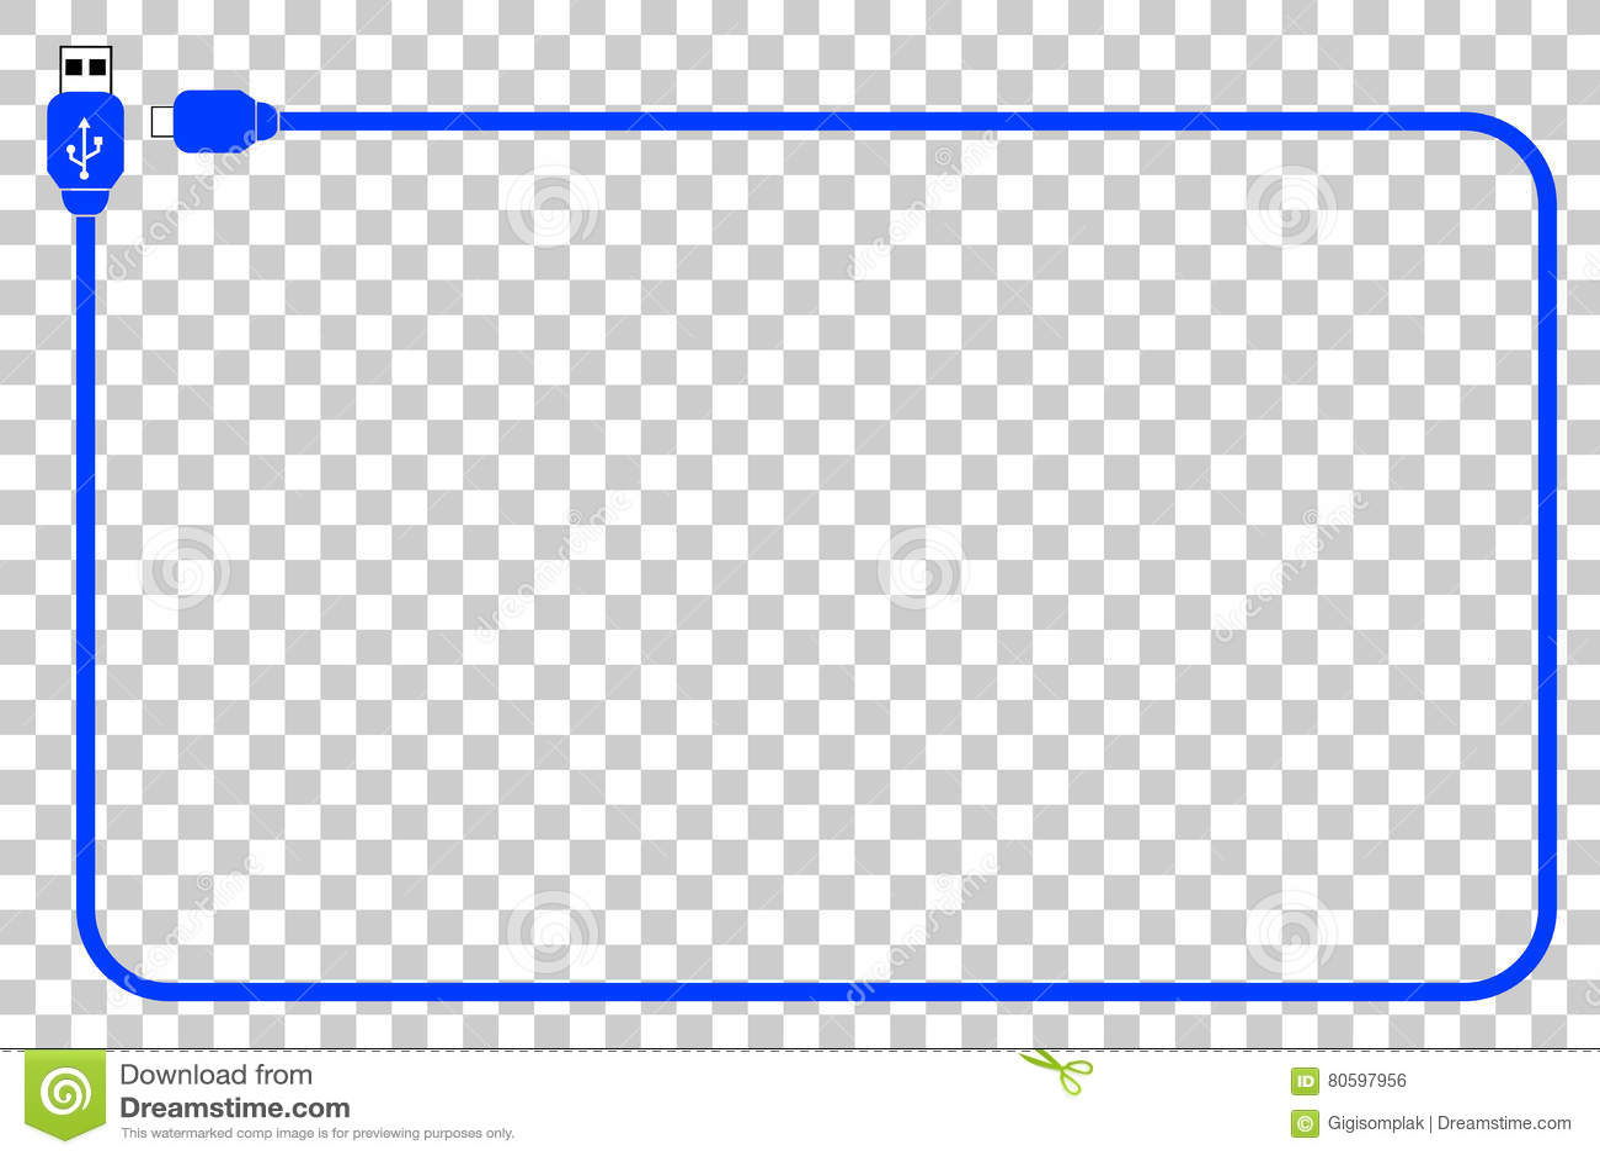 Rahmen - USB-Kabel Am Transparenten Effekt-Hintergrund Vektor ...